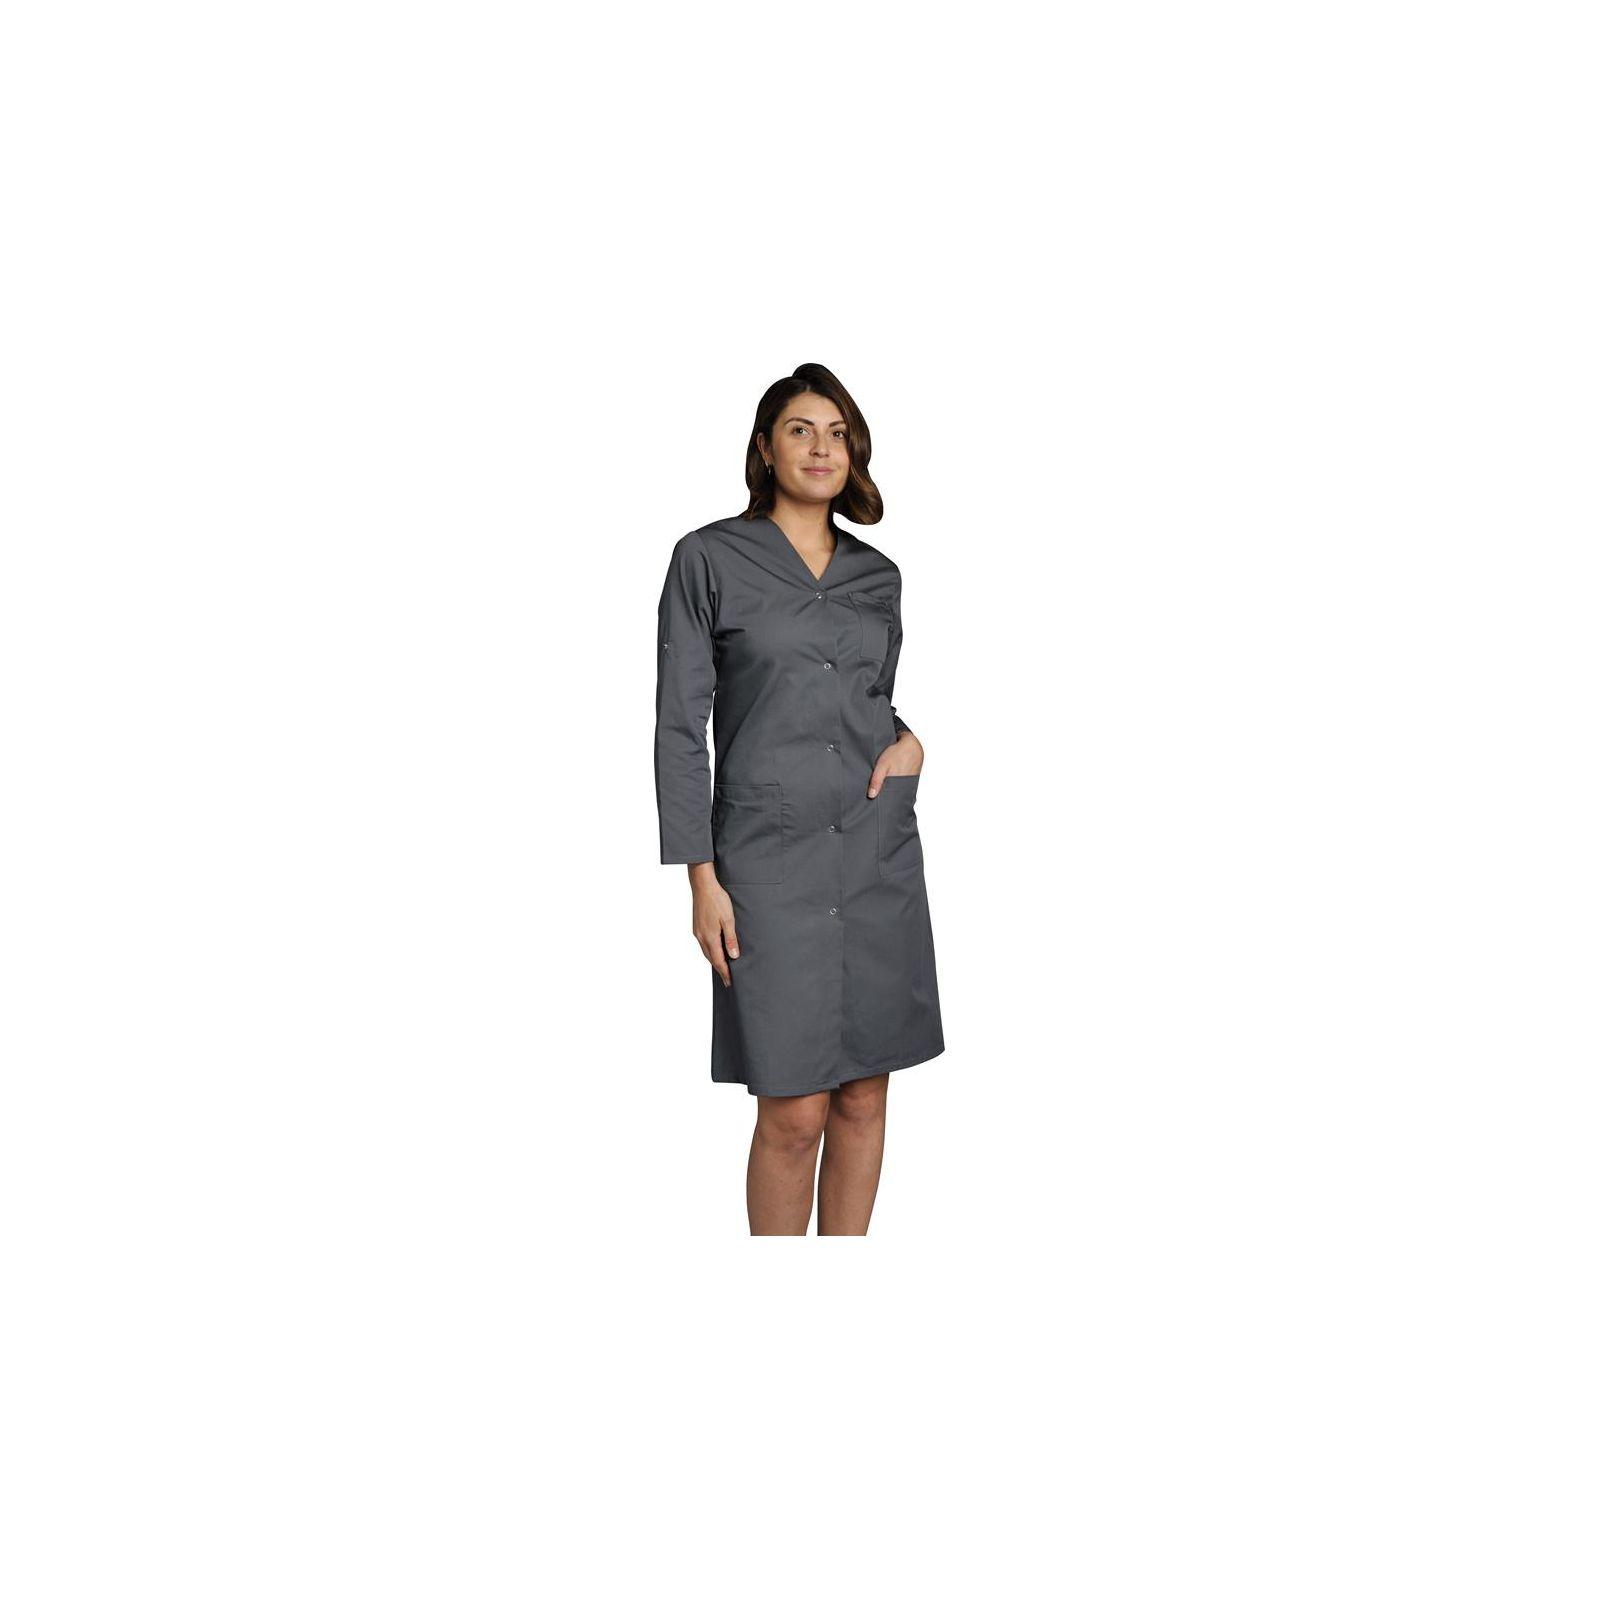 Blouse médicale Femme couleur manches longues Lisa, SNV (LISAMR00) couleur gris vue modèle